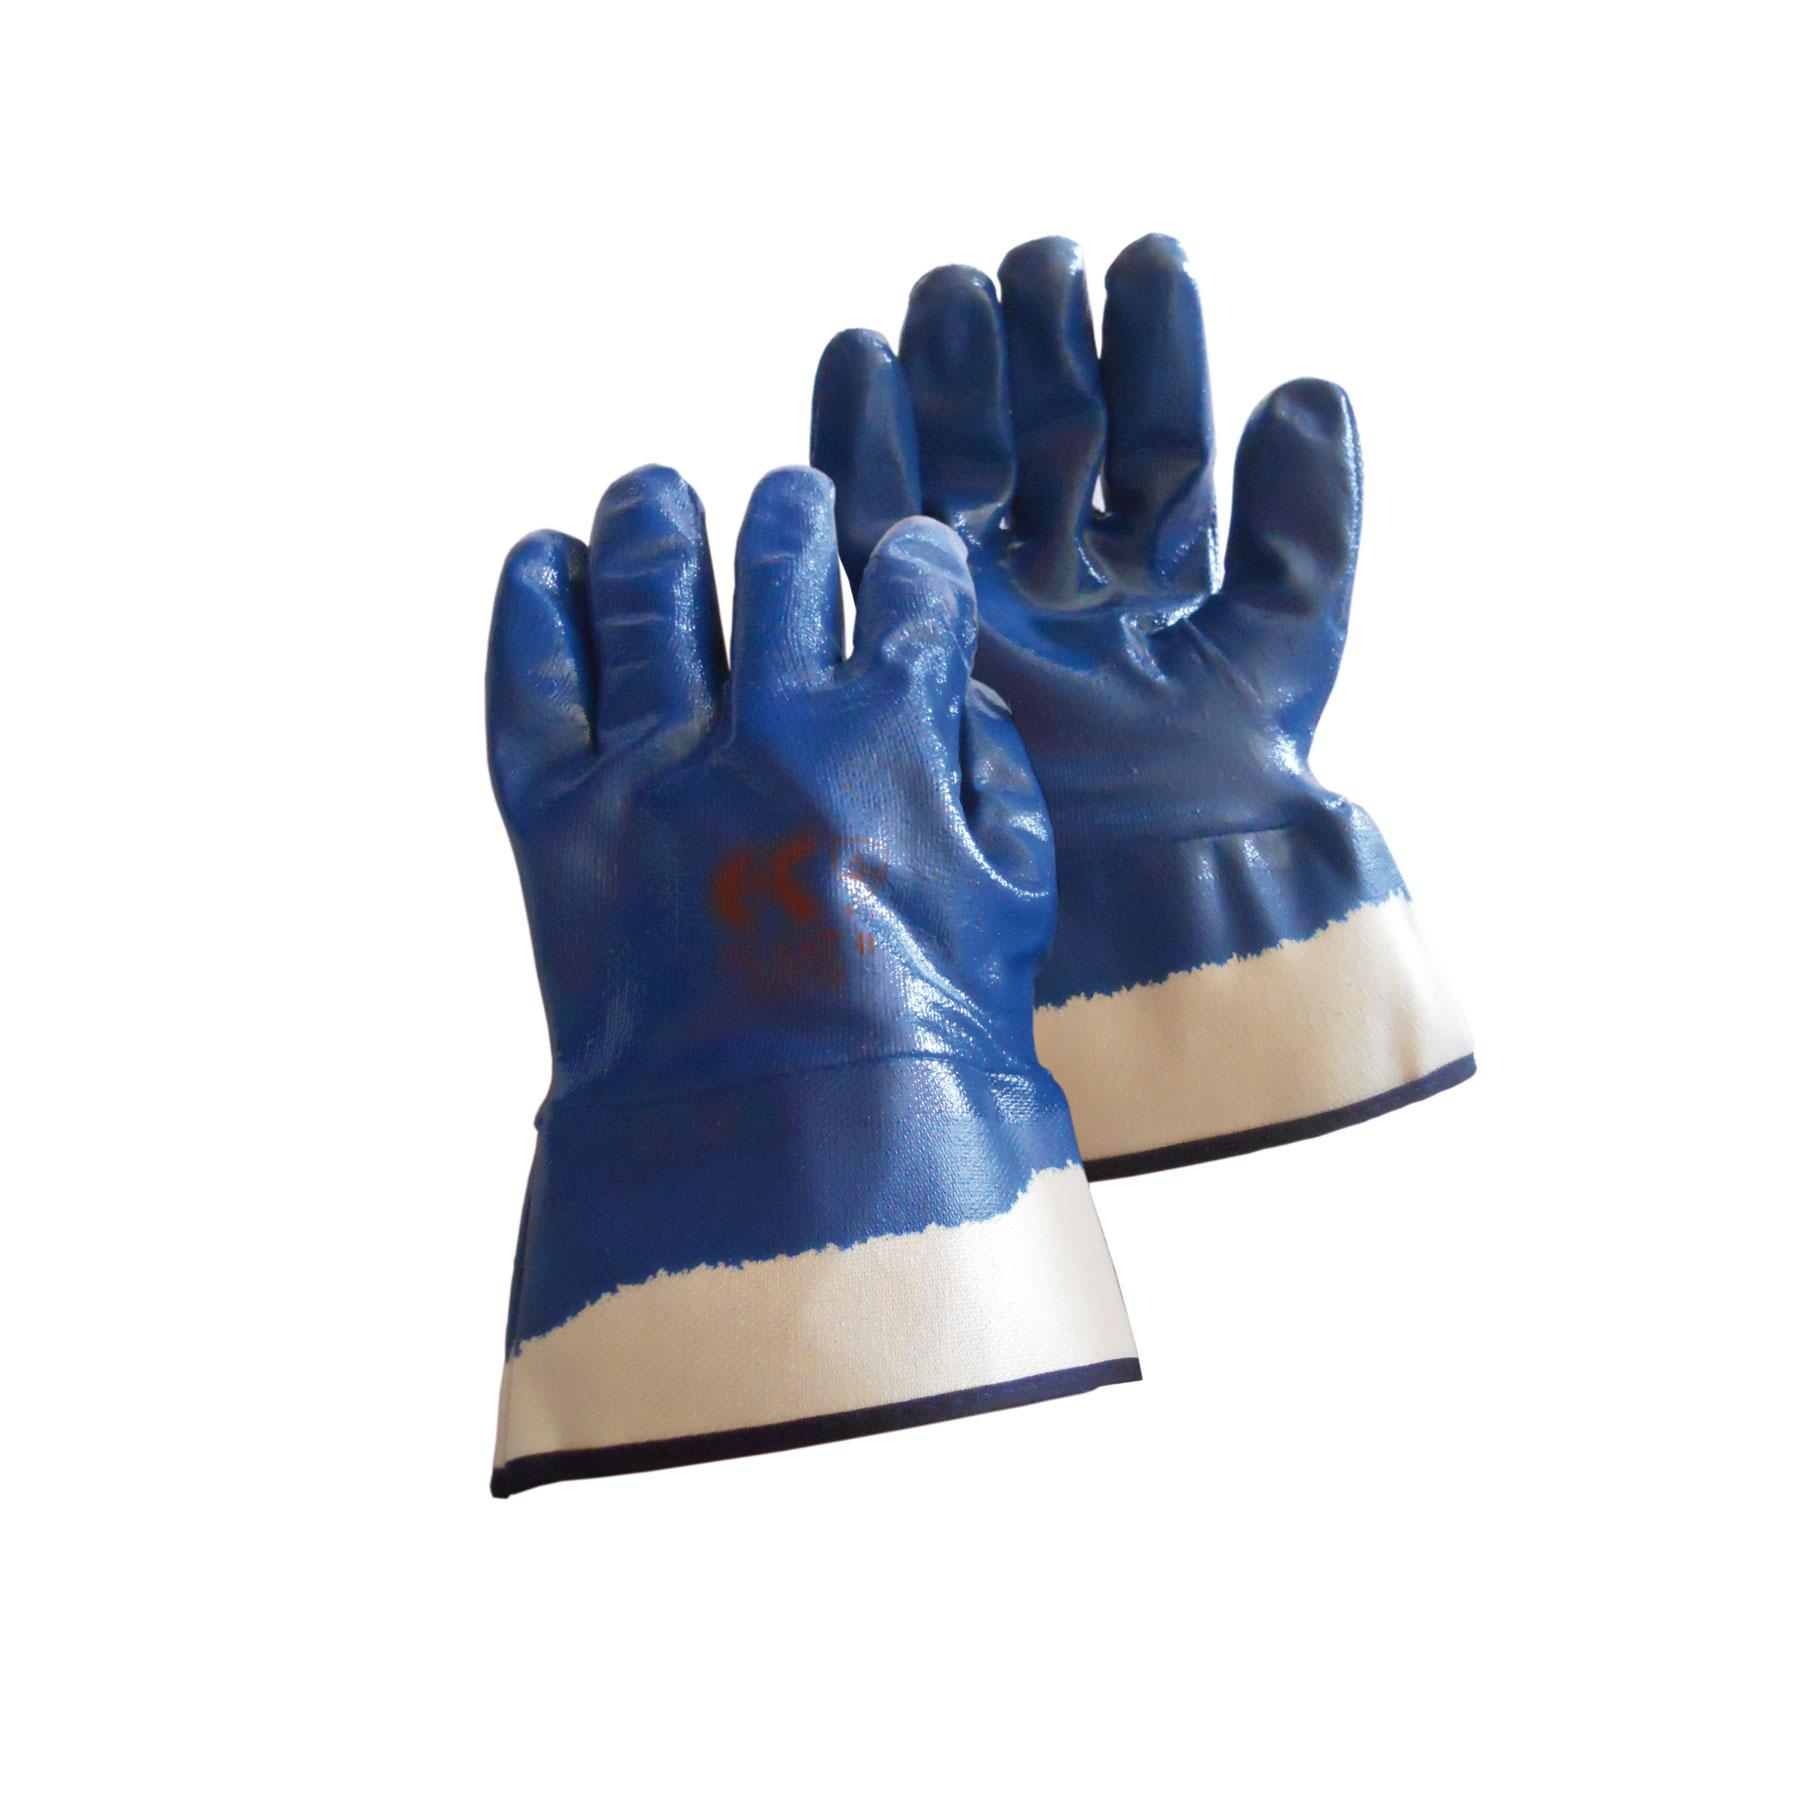 Γάvτια πάvιvα βαµβακερά ανδρικά, µε κόκκoυς PVC στηv παλάµη και πλεκτή µαvσέτα. Συσκευασία: 12 ζεύγη / συσκευασία, 300 ζεύγη / κιβώτιo.